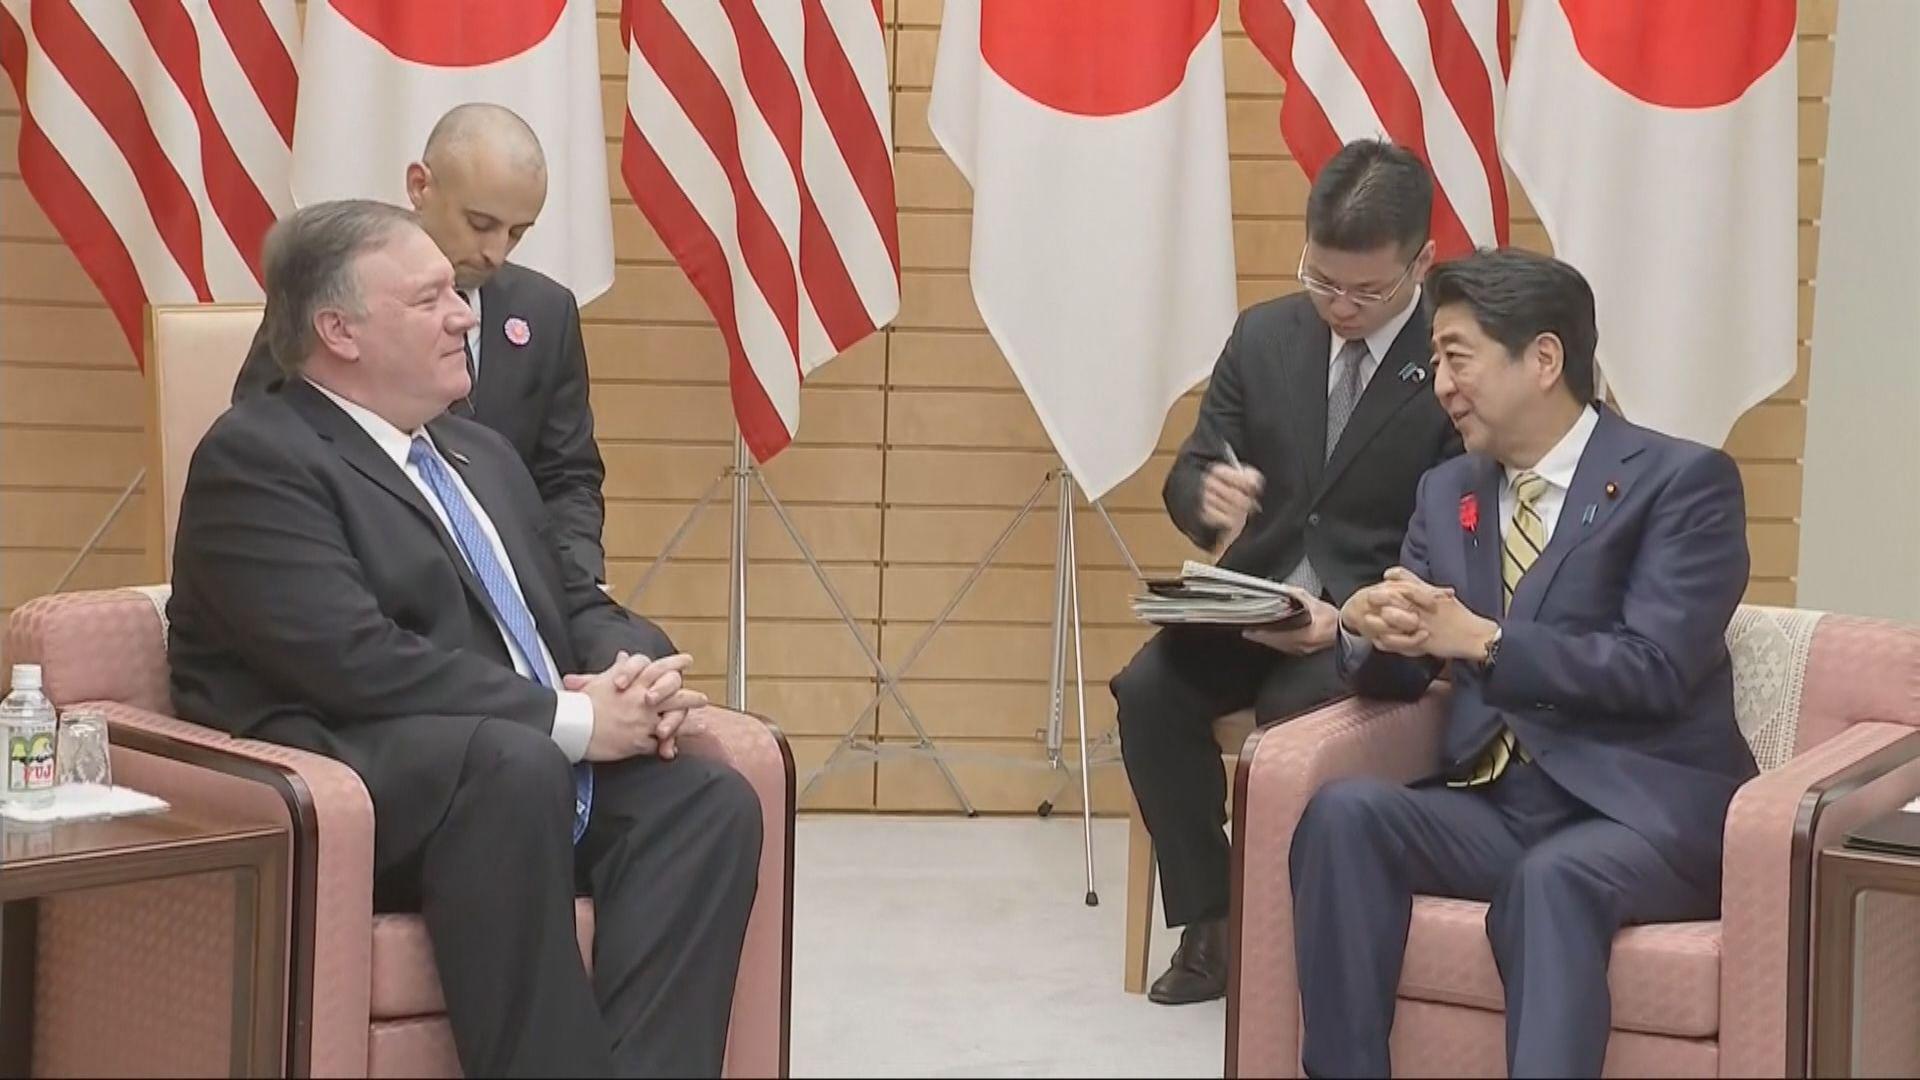 蓬佩奧抵達東京與安倍晉三討論北韓核問題